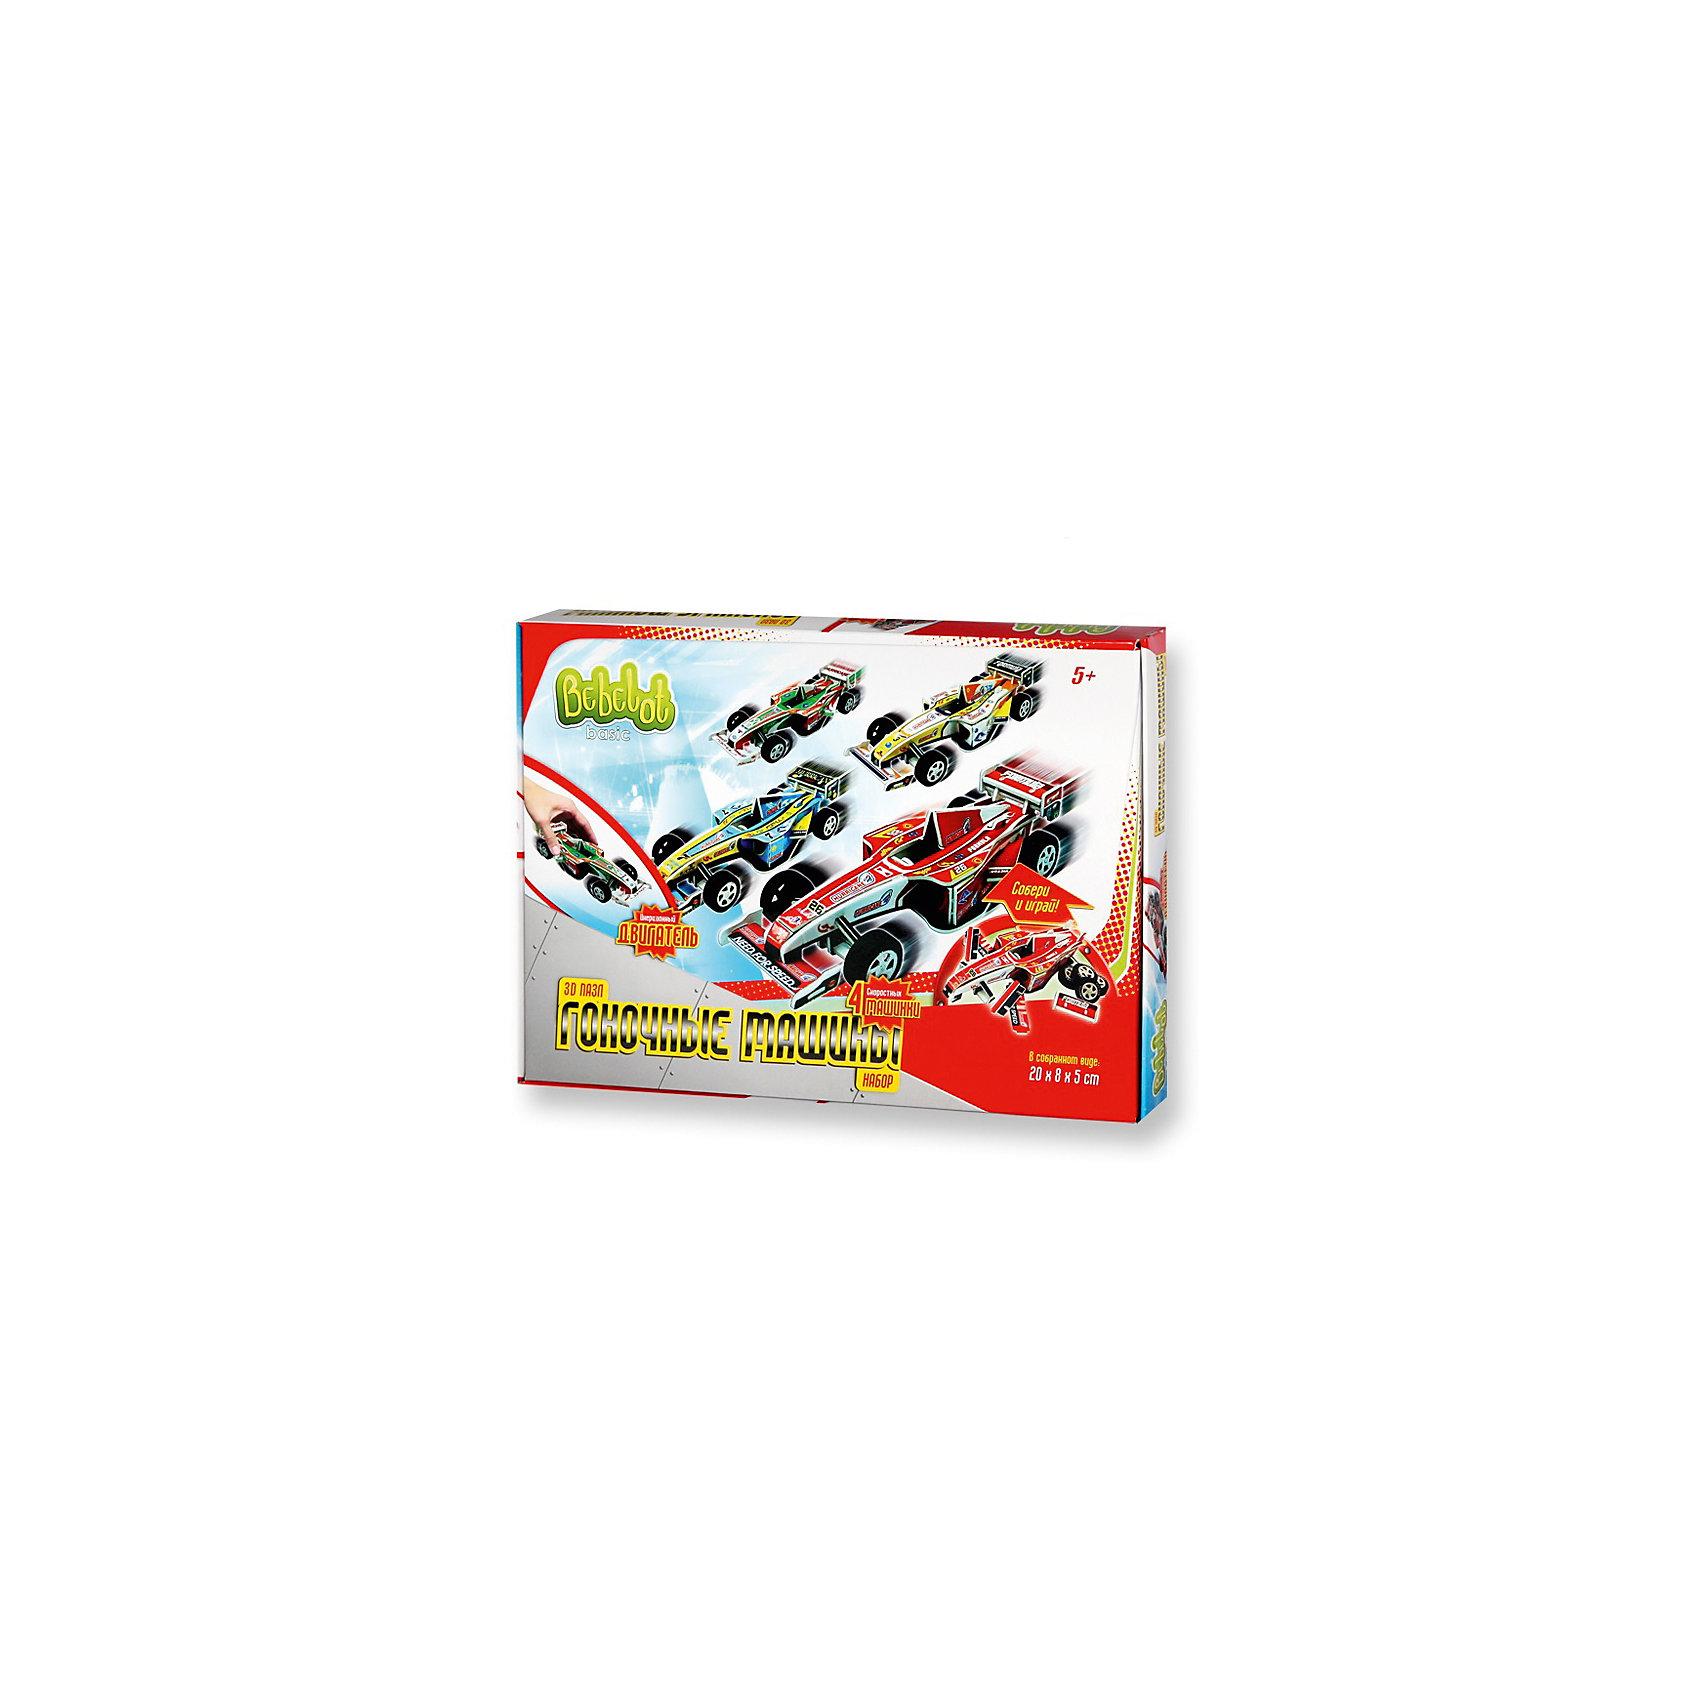 3D пазл Basic Набор гоночных машин, 4 шт, Bebelot3D пазлы<br>Характеристики товара:<br><br>• возраст от 3 лет;<br>• материал: пластик, картон, металл;<br>• в наборе: 4 листа пенокартона, 16 колес, 8 осей, 4 двигателя, инструкция;<br>• размер машины 20х12х5 см;<br>• размер упаковки 29,5х22х4 см;<br>• вес упаковки 330 гр.;<br>• страна производитель: Китай.<br><br>3D пазл Basic «Набор гоночных автомобилей» Bebelot позволит создать гоночные объемные машинки, которые работают от инерционного двигателя. С ними можно играть, как с обычными машинками и устраивать захватывающие гонки. Сборка пазла развивает у детей мышление, усидчивость, внимательность.<br><br>3D пазл Basic «Набор гоночных автомобилей» Bebelot можно приобрести в нашем интернет-магазине.<br><br>Ширина мм: 295<br>Глубина мм: 220<br>Высота мм: 40<br>Вес г: 330<br>Возраст от месяцев: 36<br>Возраст до месяцев: 72<br>Пол: Мужской<br>Возраст: Детский<br>SKU: 5581213